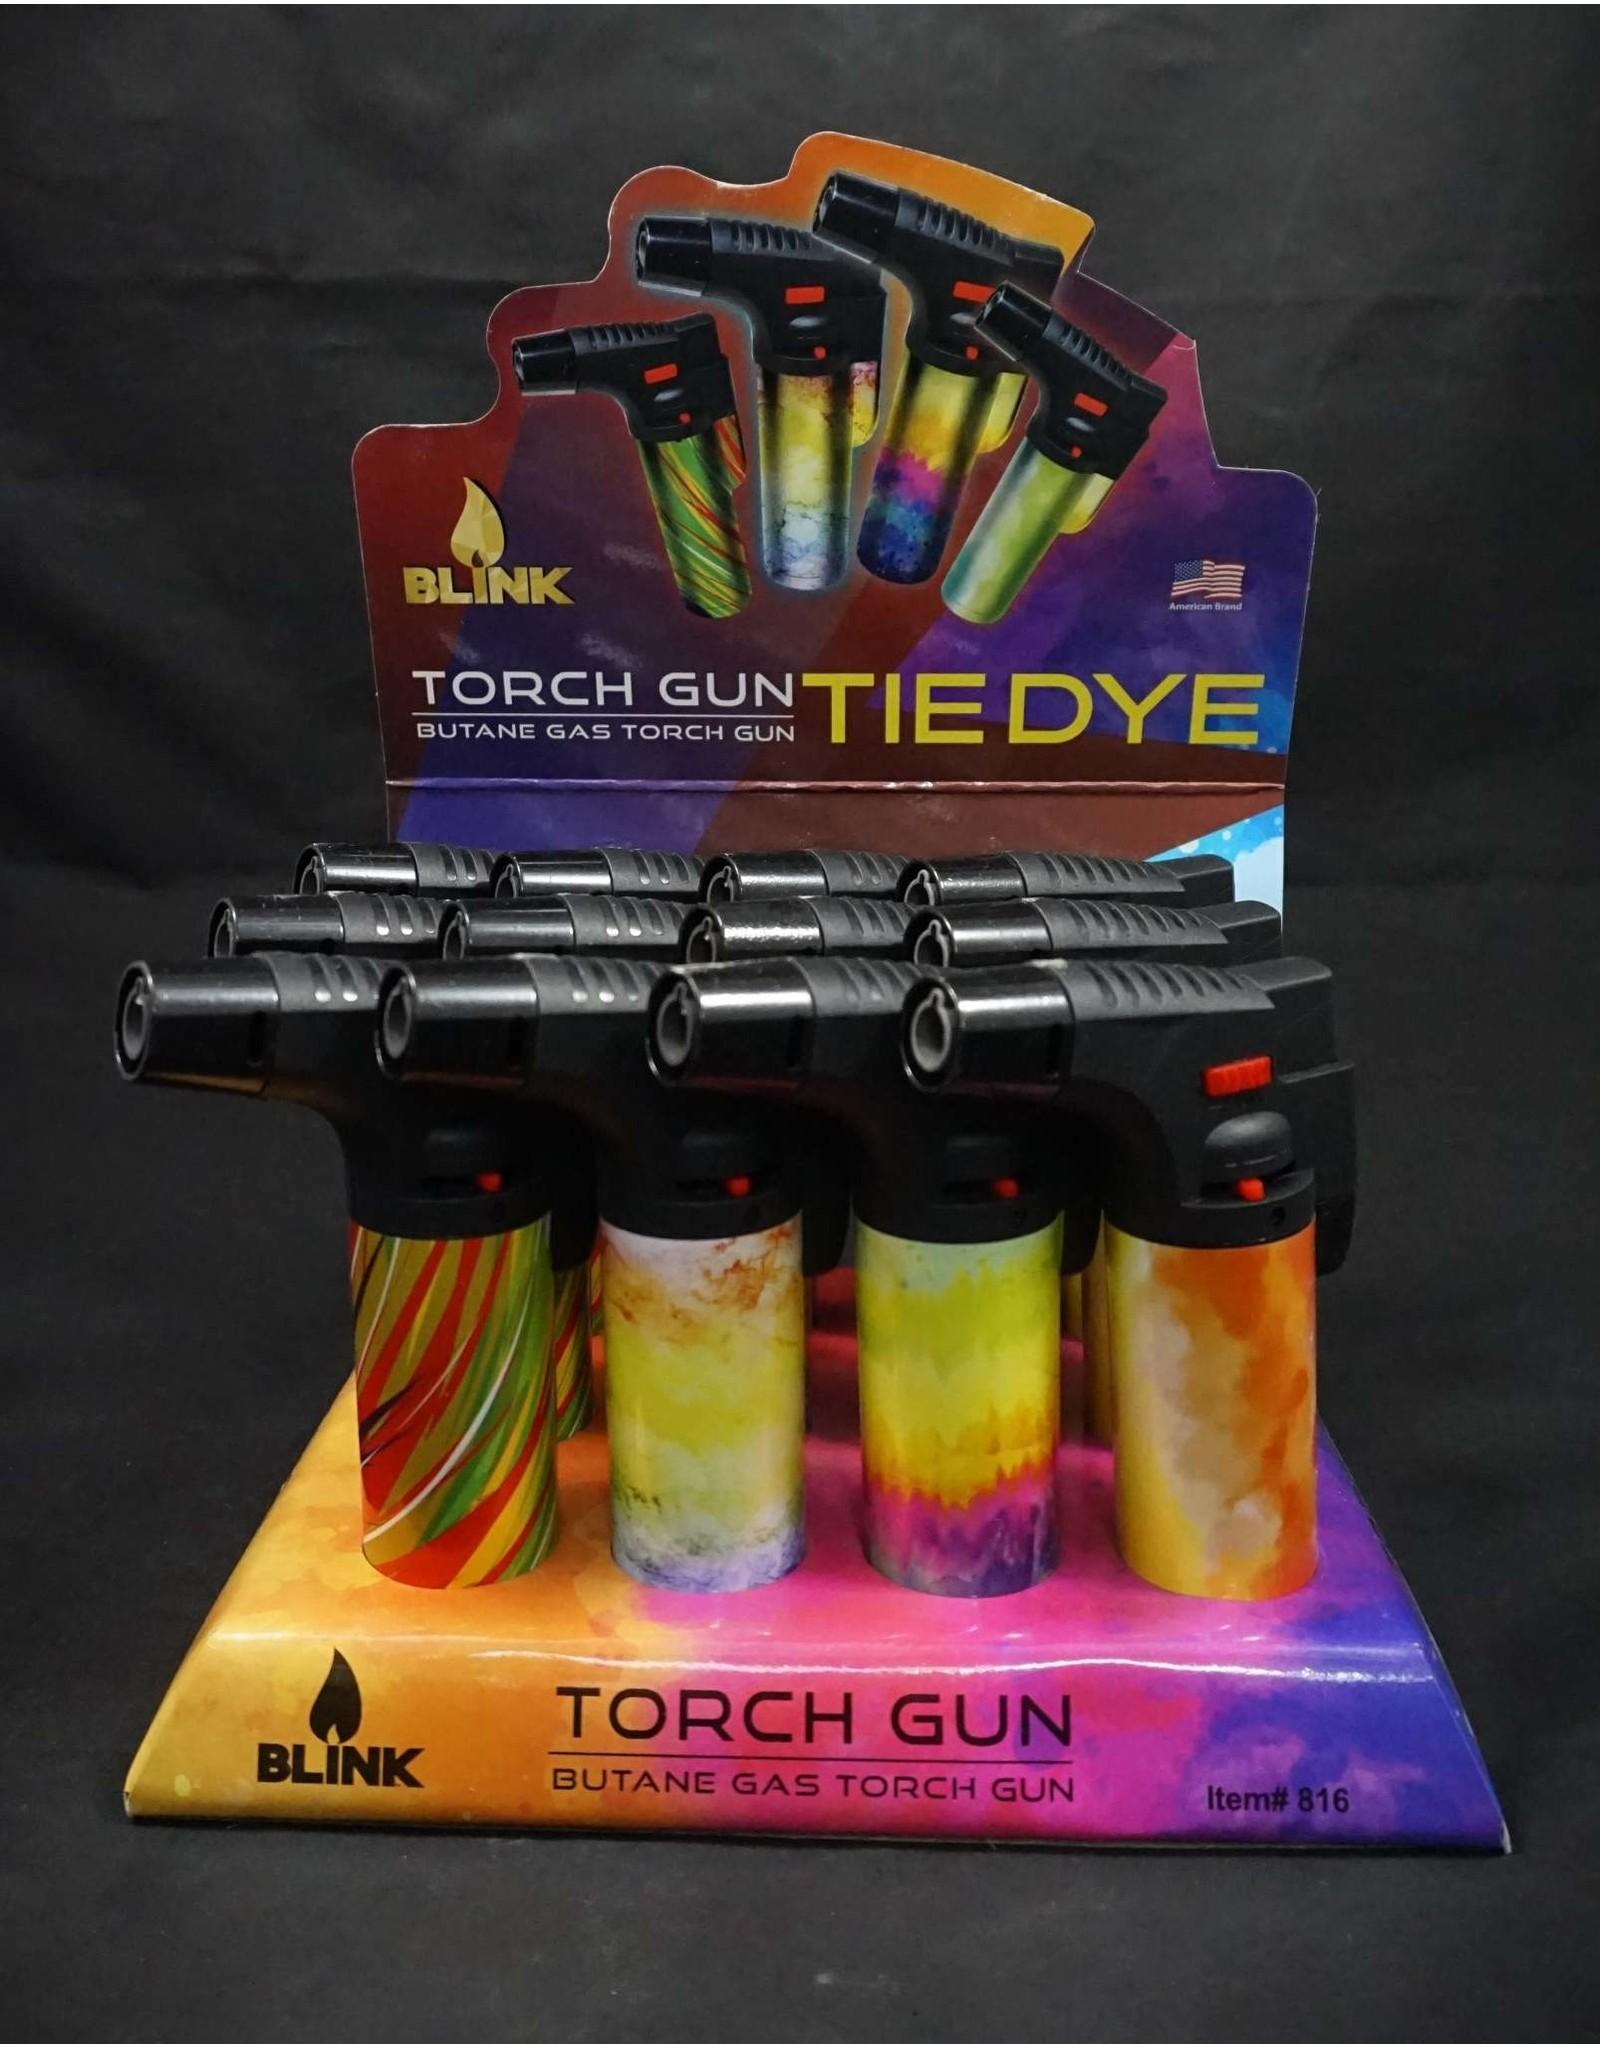 Blink Refillable Butane Torch Gun - Tie-Dye